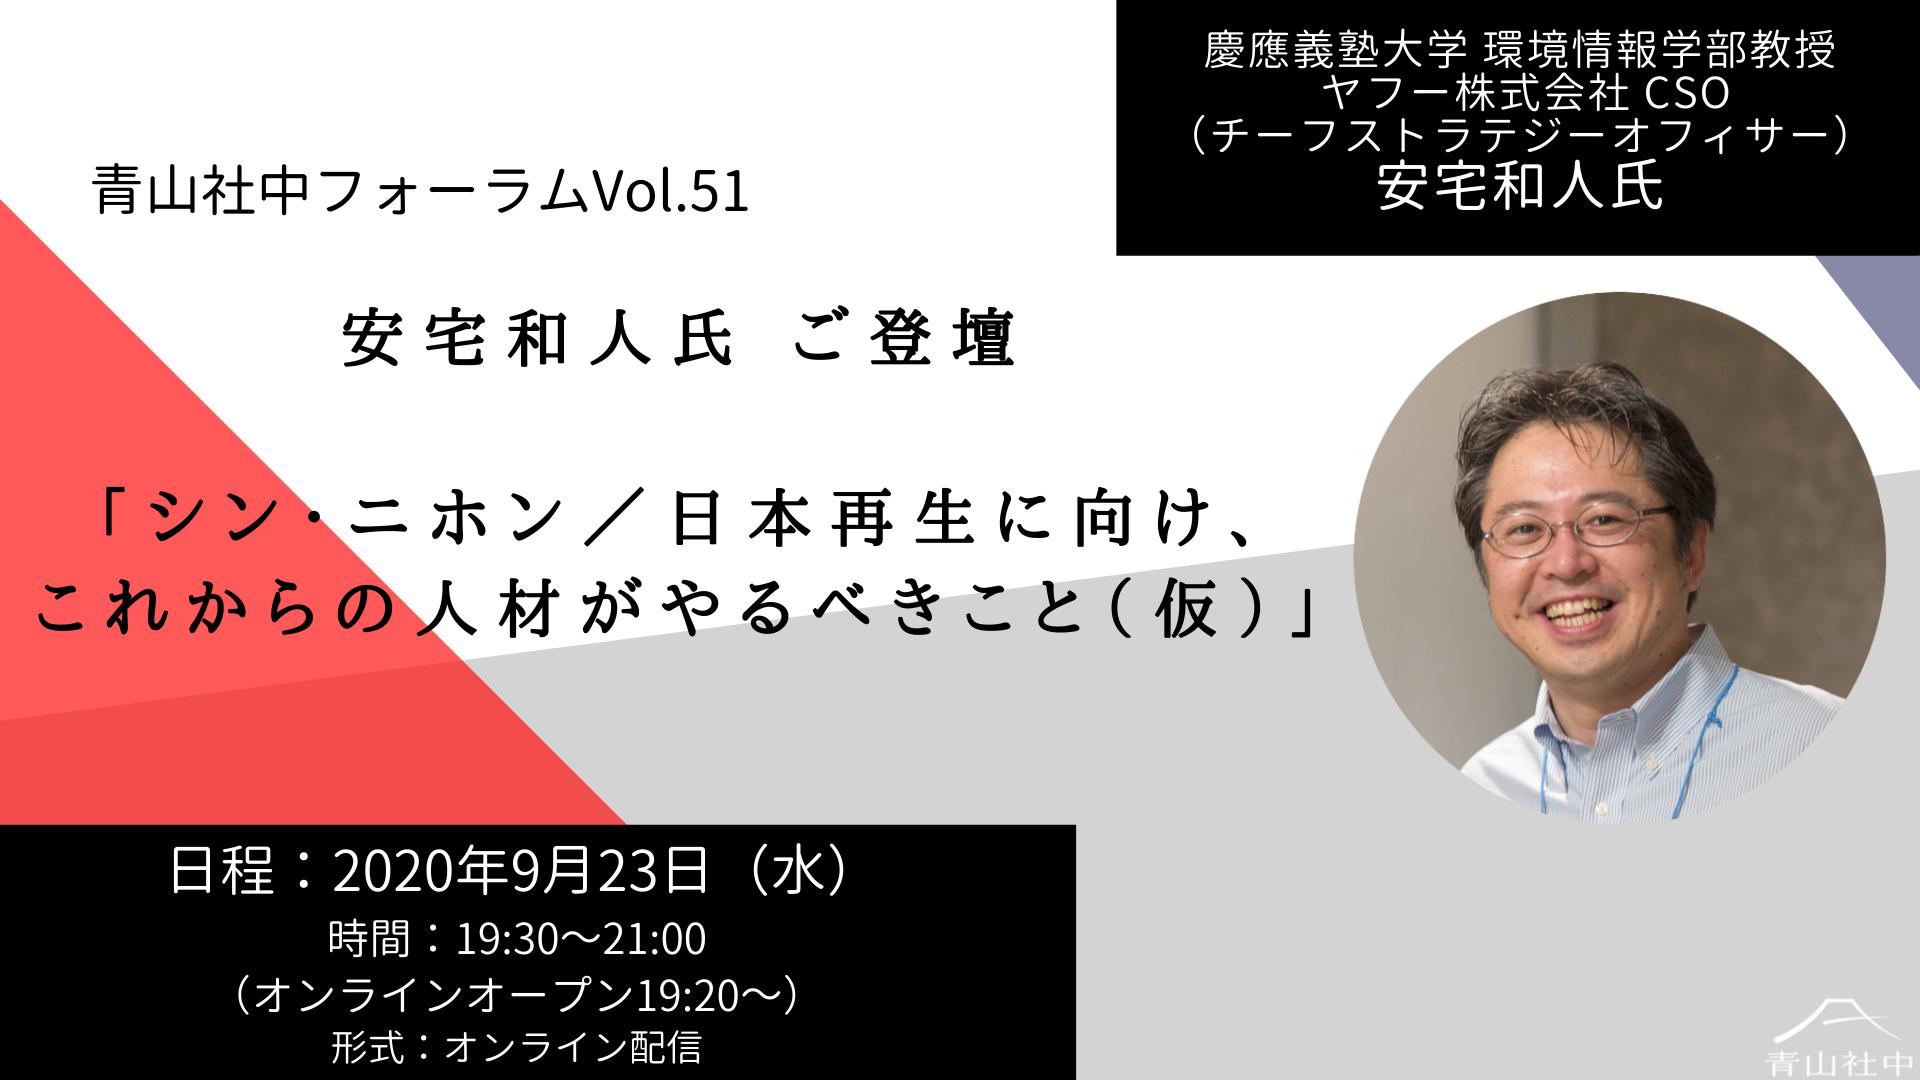 【プレスリリース】安宅和人氏がご登壇!「青山社中フォーラムVol.51」を開催